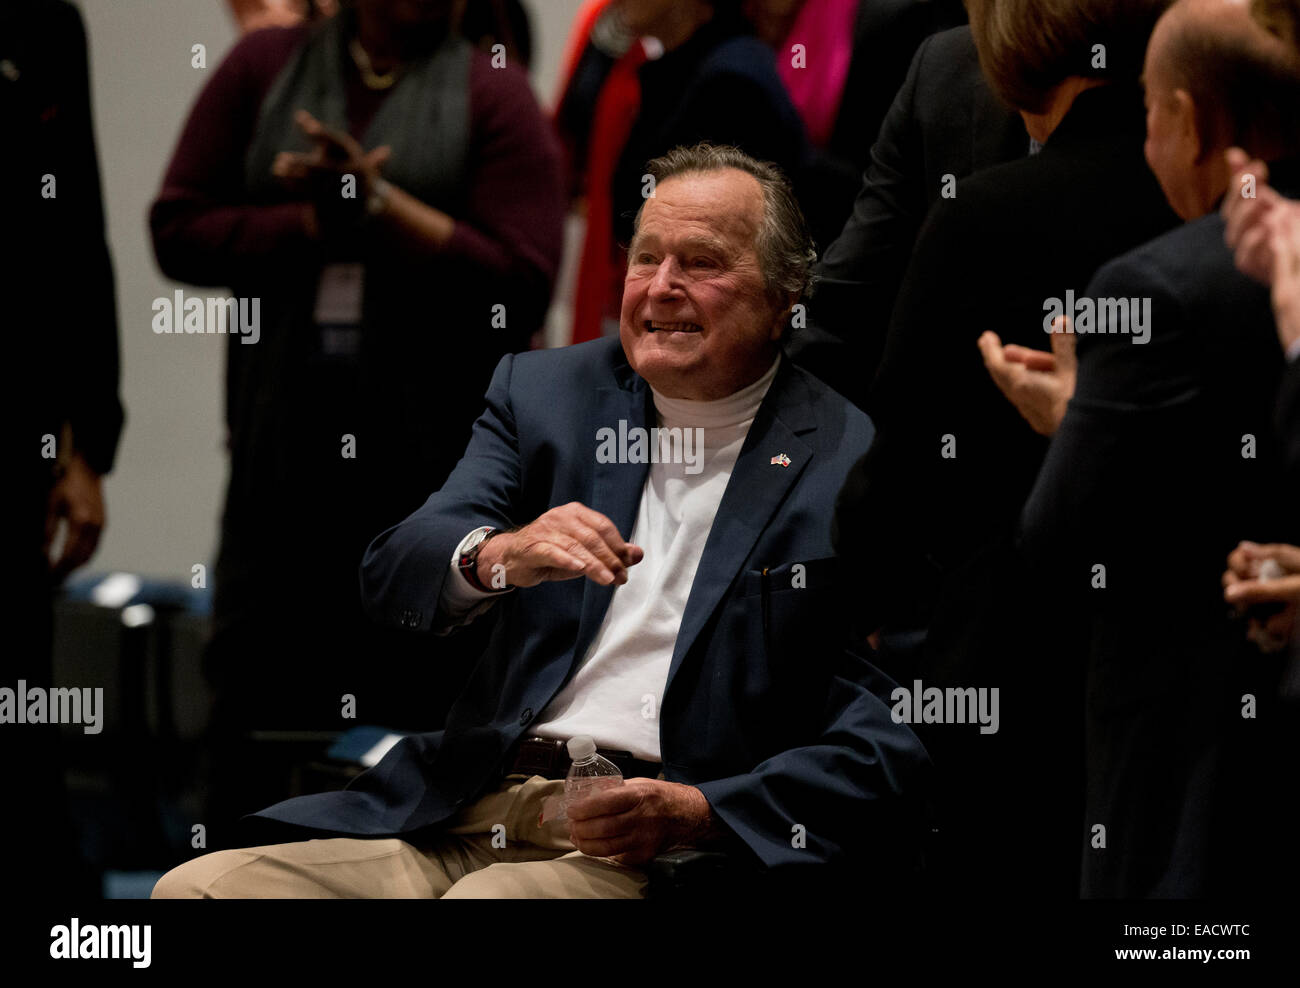 """College Station, Texas, Stati Uniti d'America. 11 Novembre, 2014. Ex U.S. Il Presidente George H. W. Bush onde come il Figlio suo ex Presidente George W Bush parla del suo nuovo libro, """"41_un ritratto di mio padre"""" durante un evento di prenotare presso la Biblioteca di Bush al Texas A&M University. Bush, 90, è stata la quarantunesima edizione del Presidente degli Stati Uniti. Credito: Bob Daemmrich/Alamy Live News Foto Stock"""